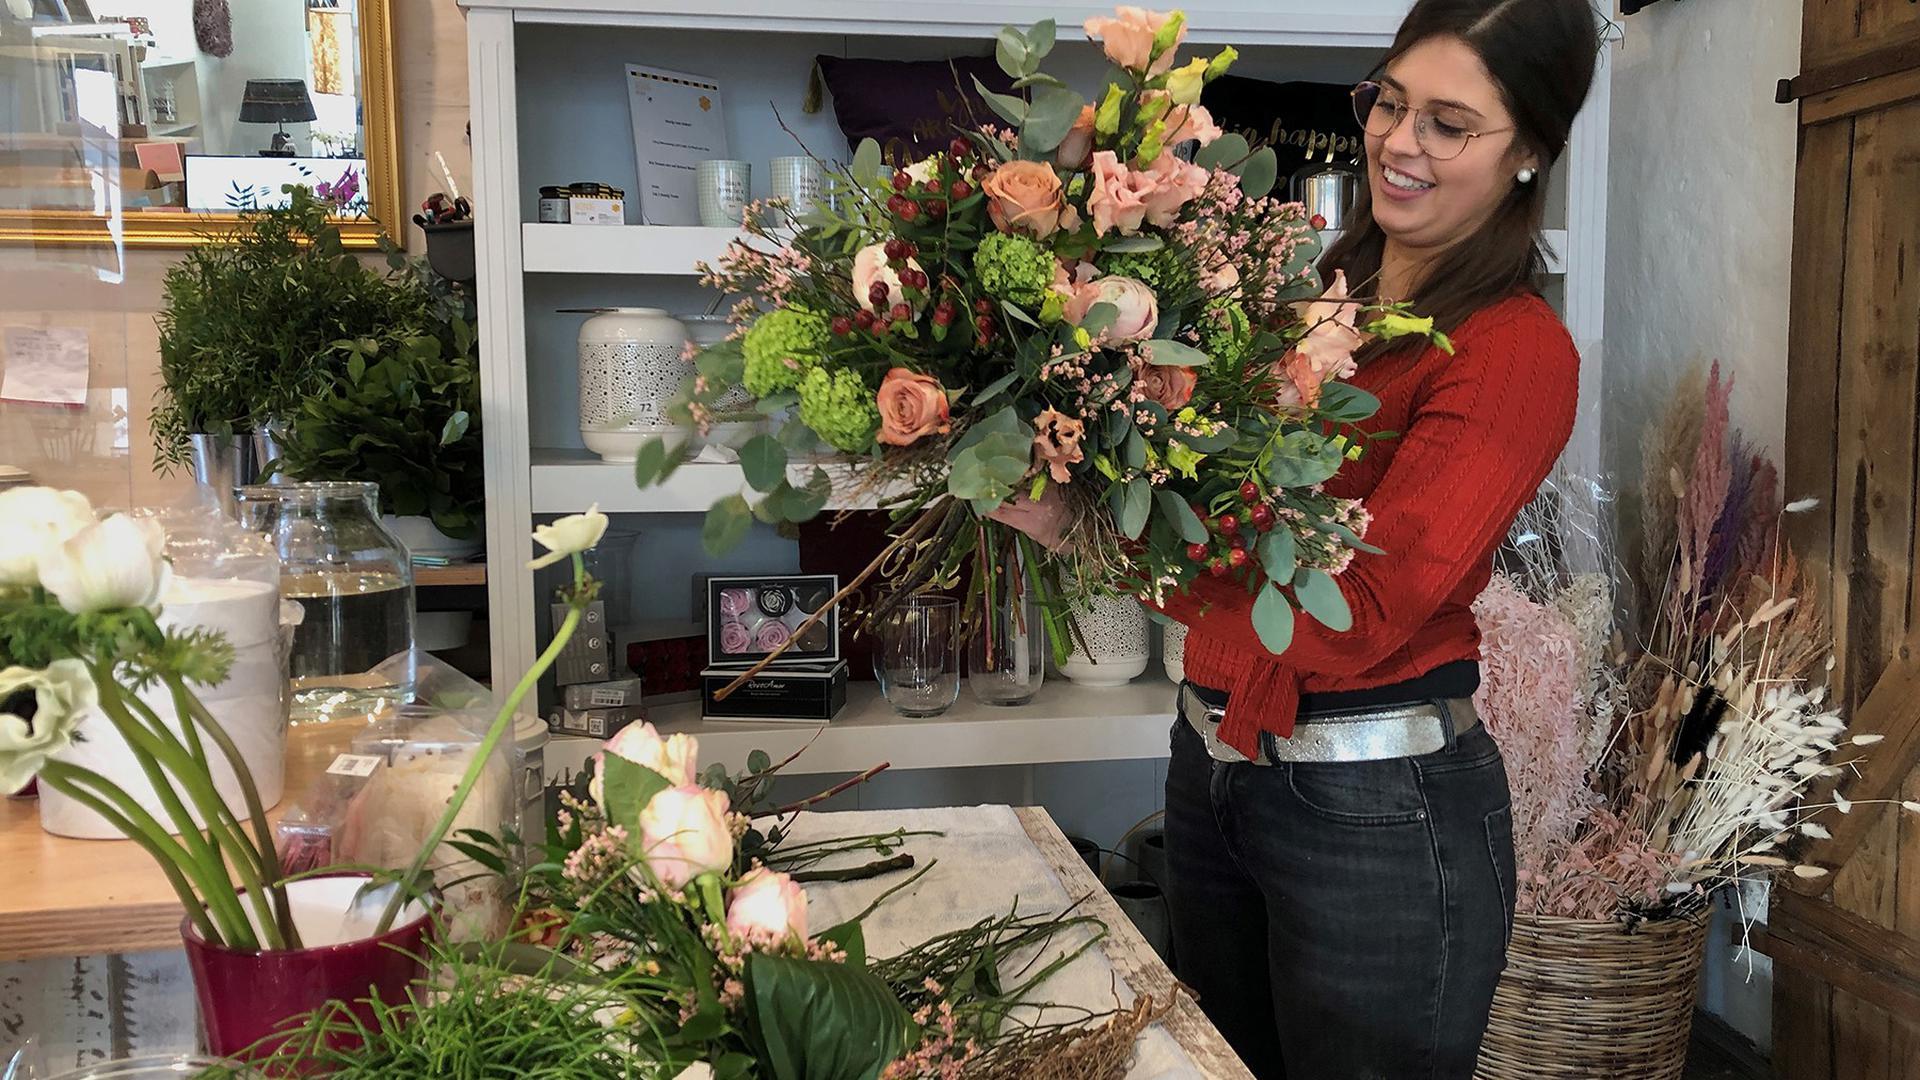 Frau beim Blumenbinden